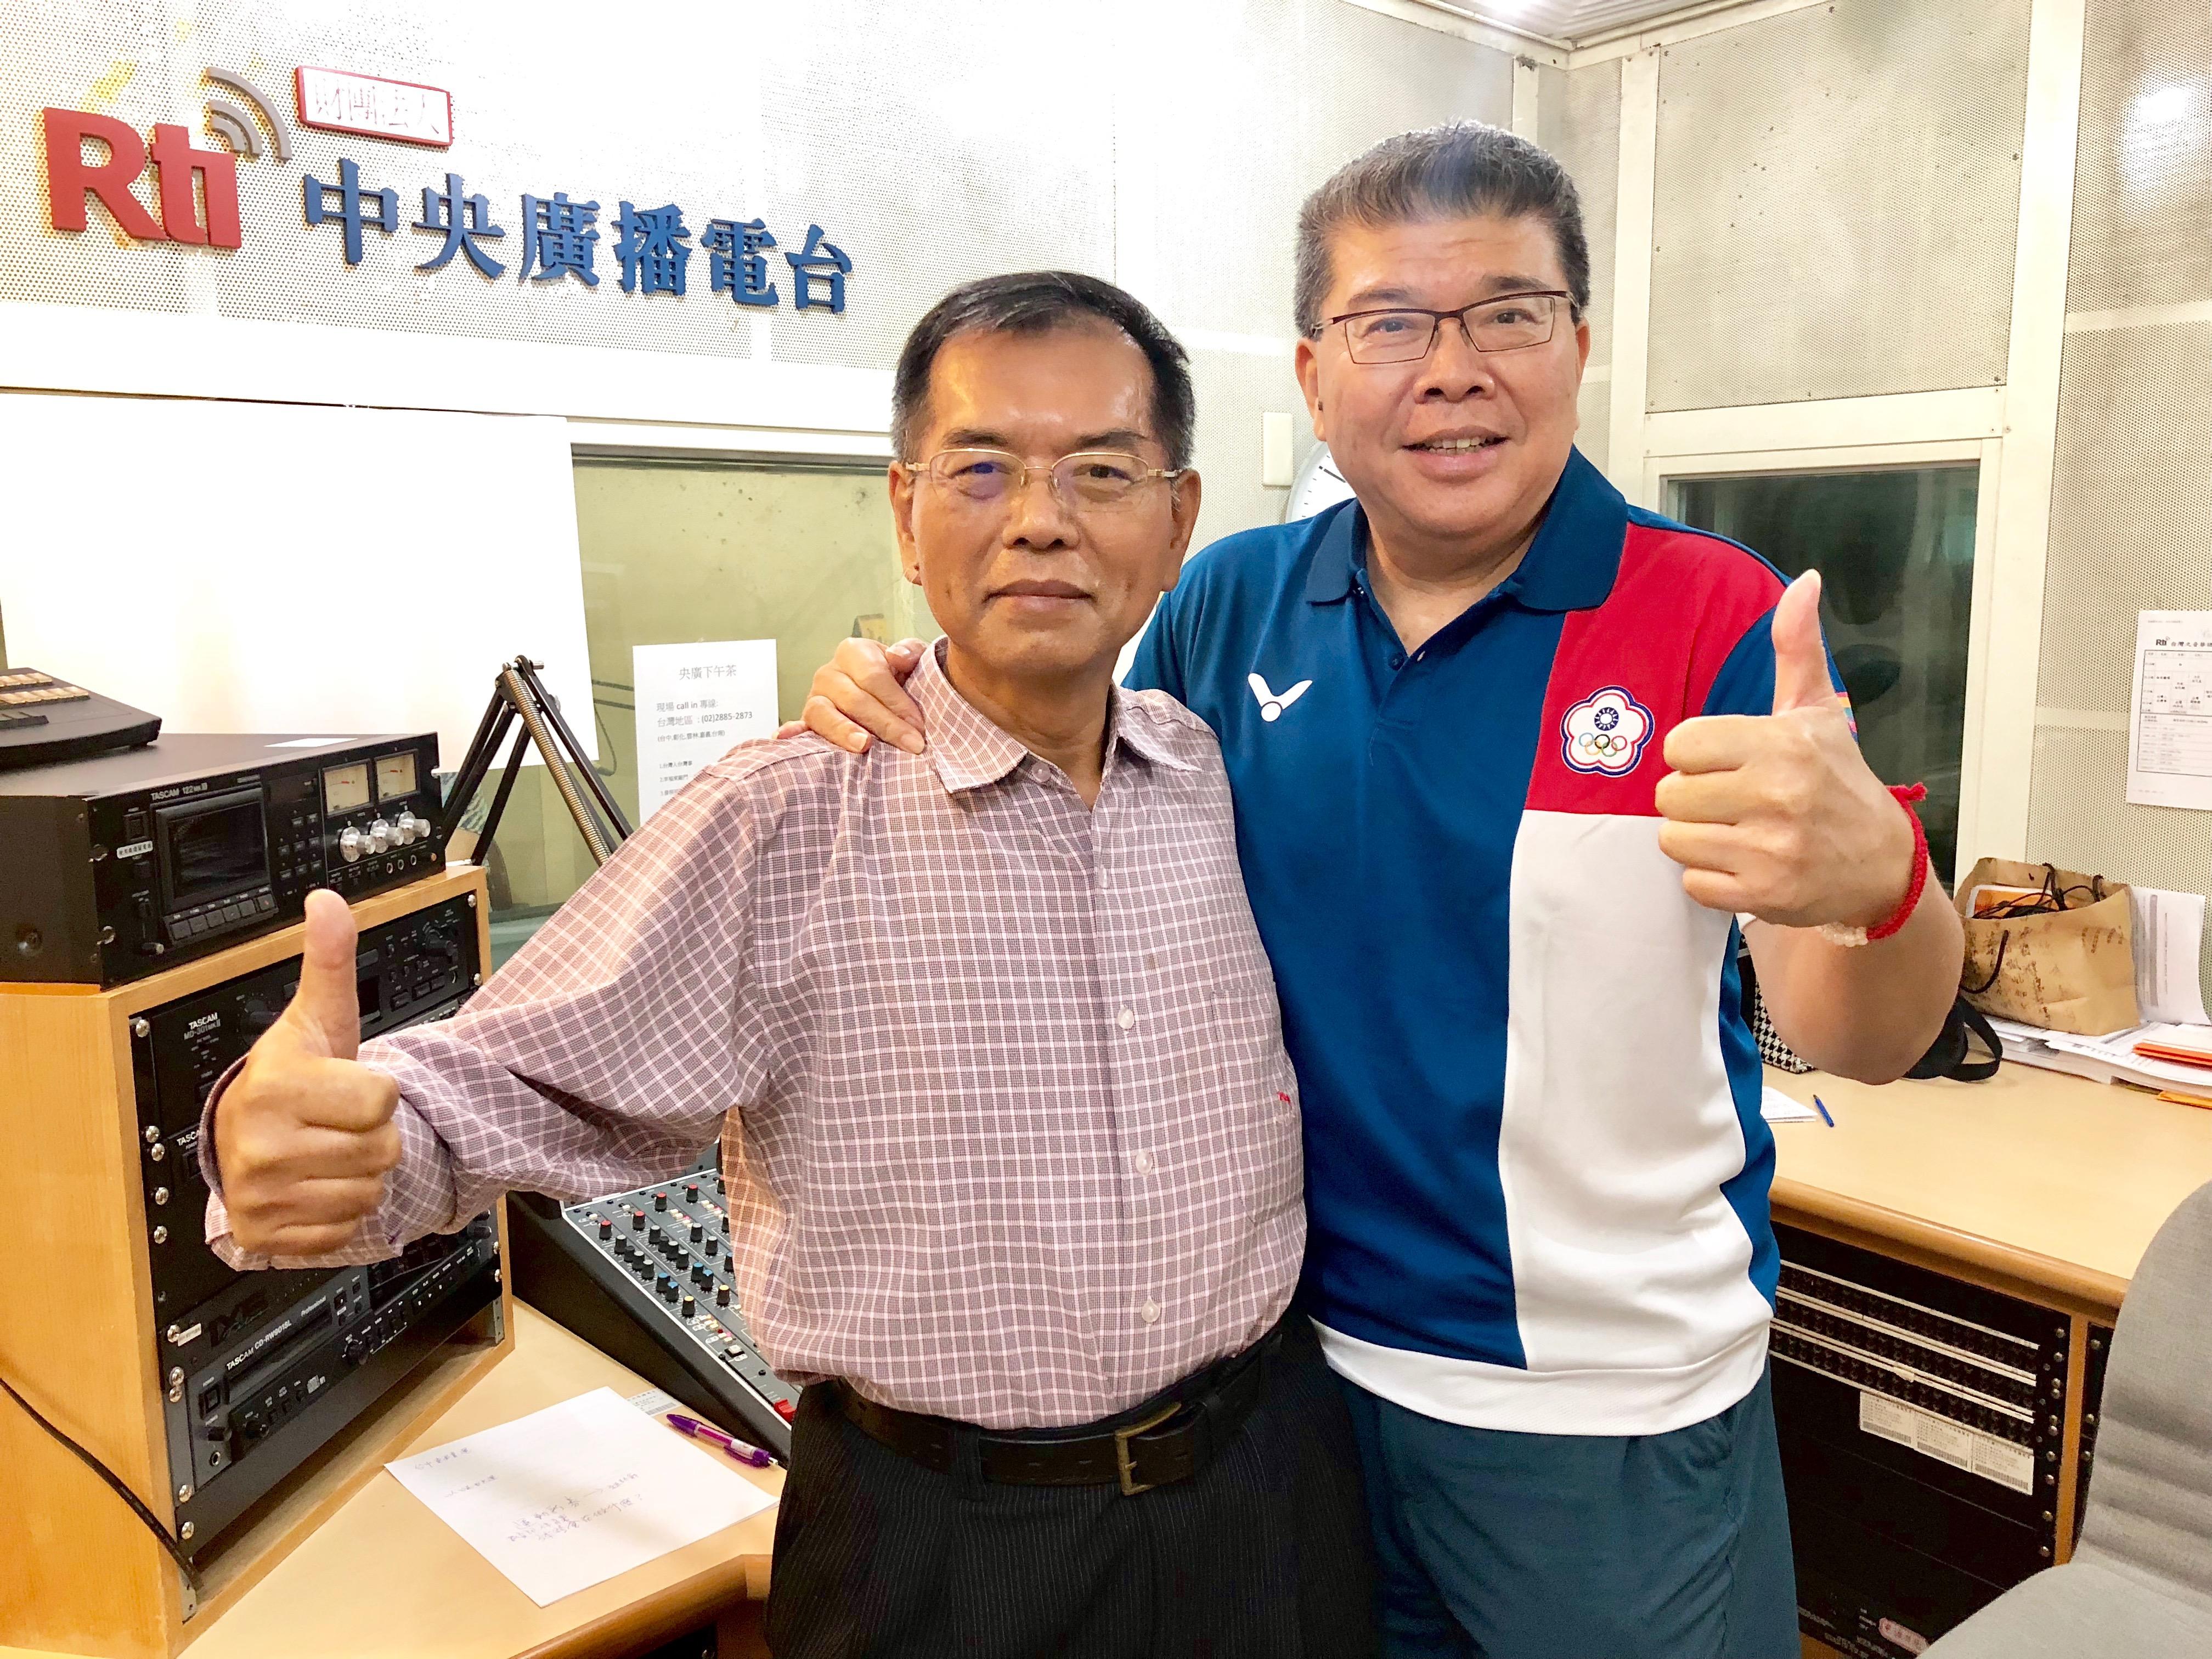 台灣舉辦國際性體育比賽成功的經驗